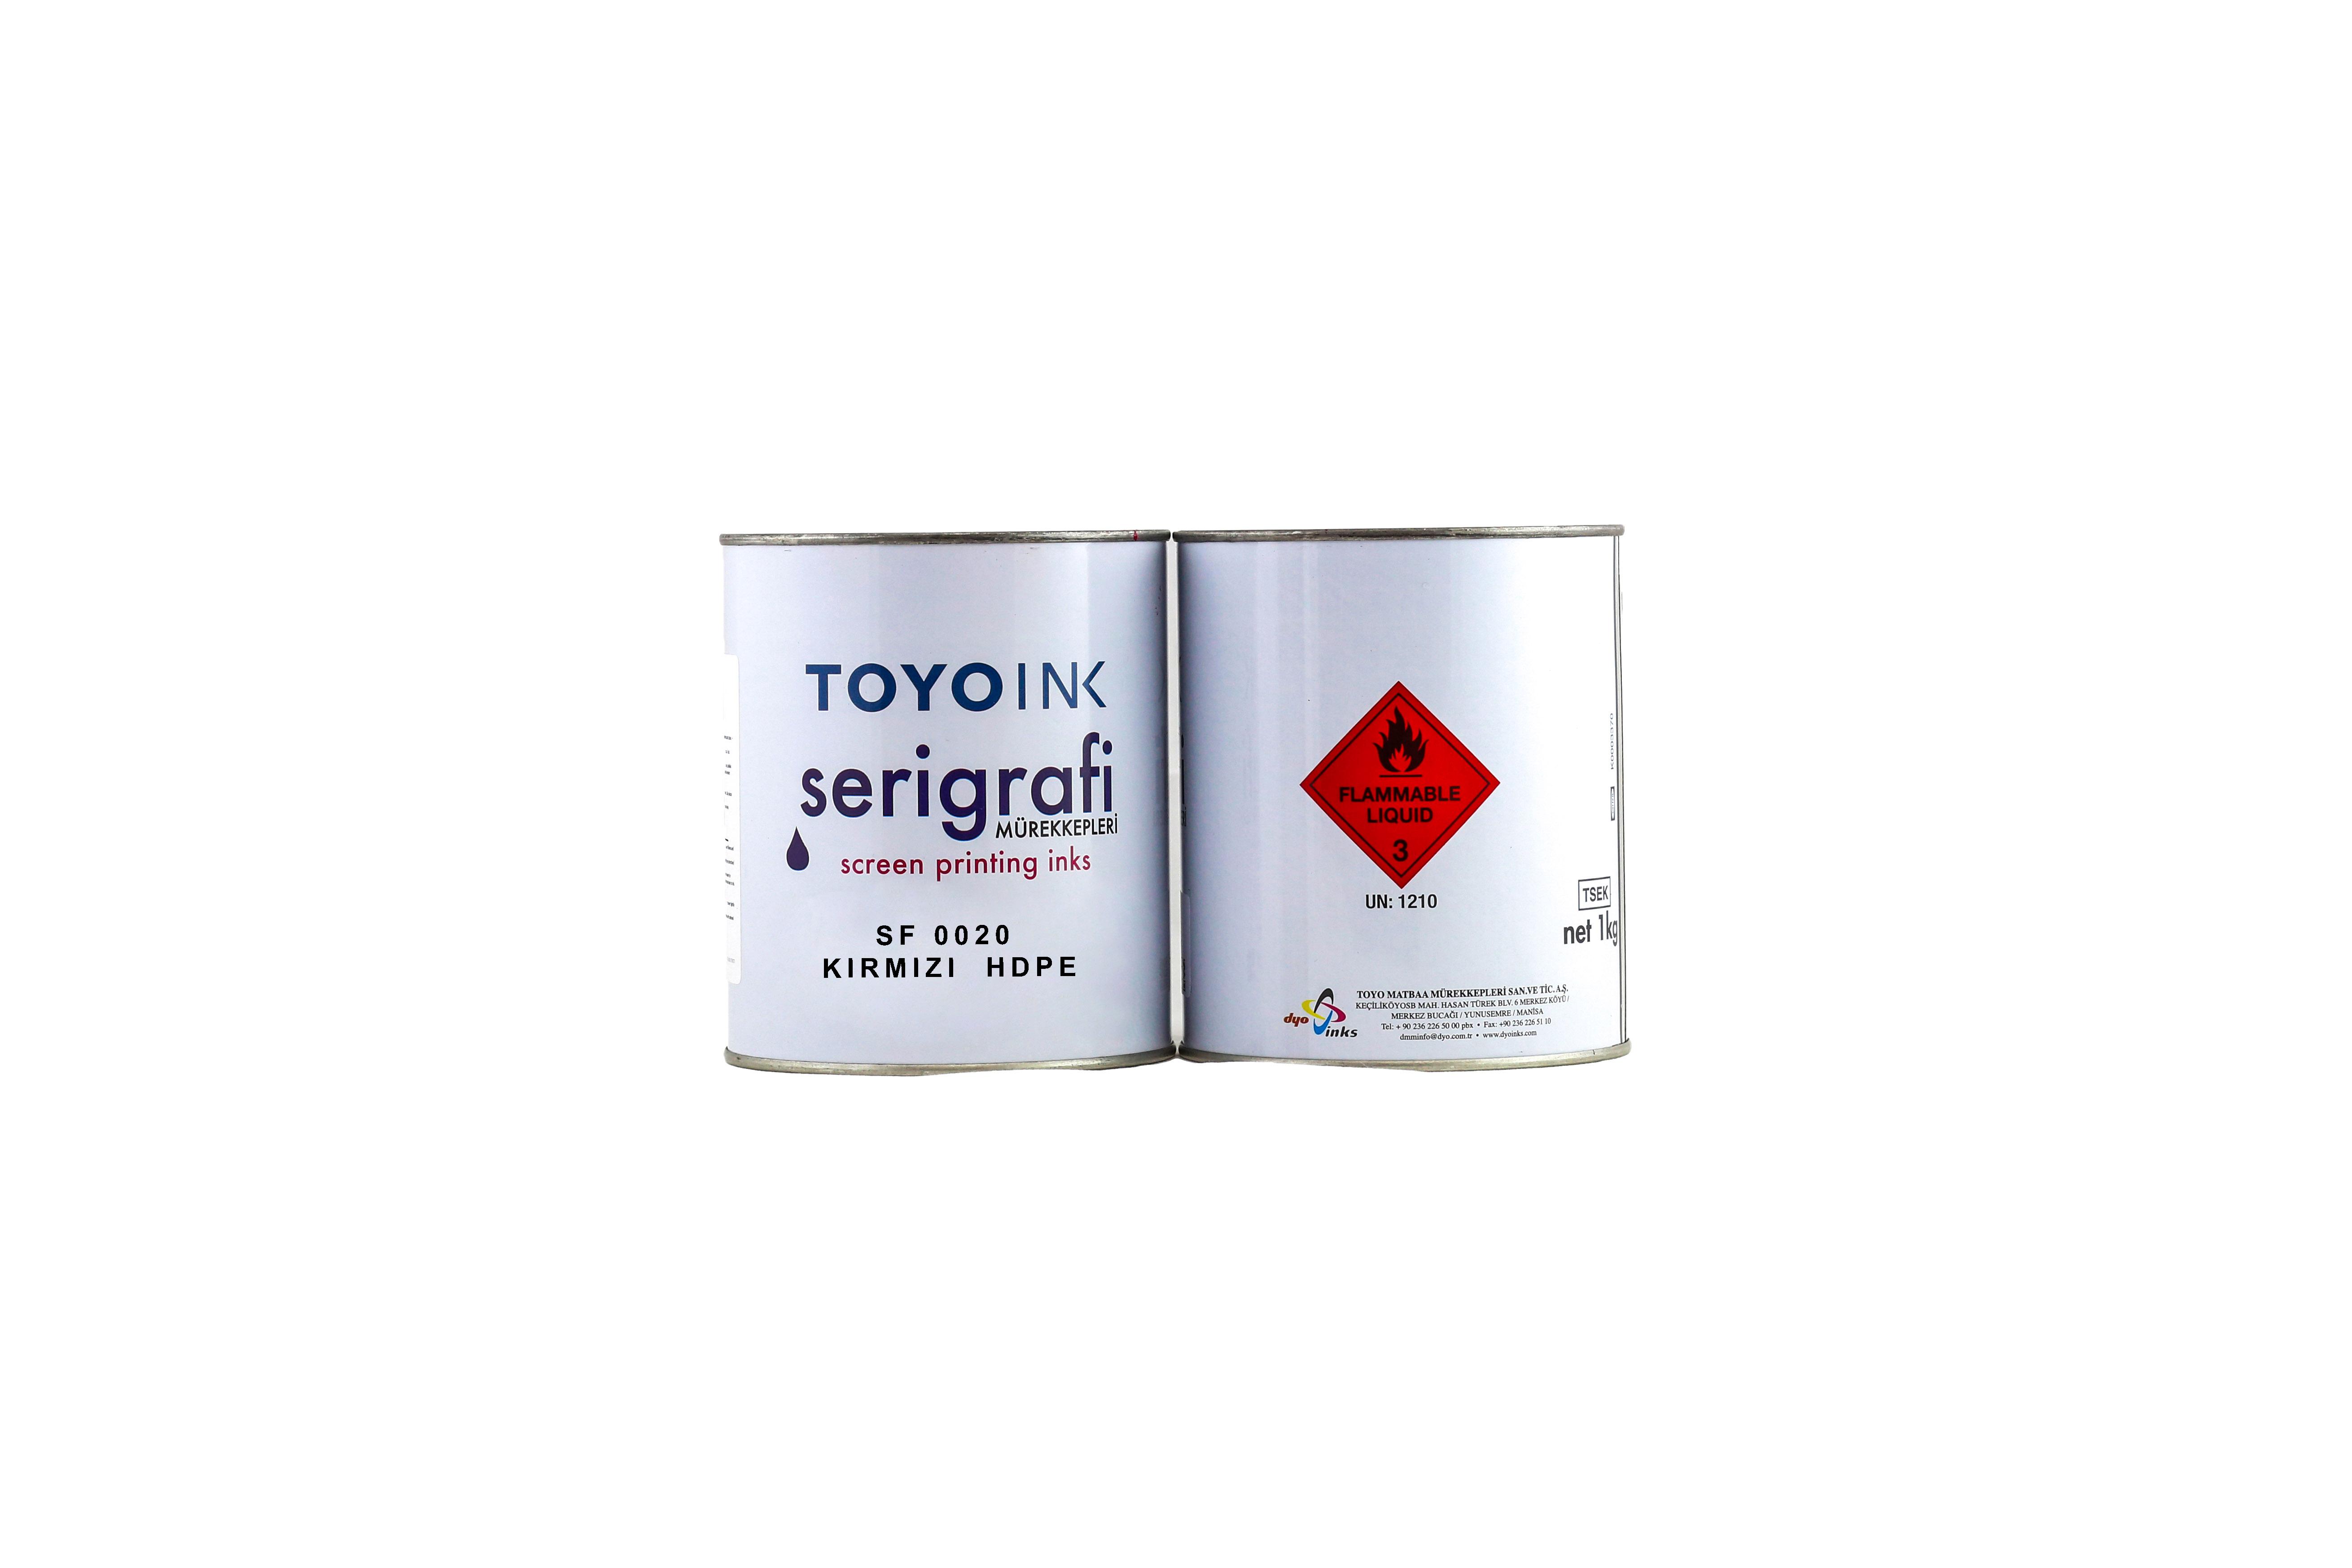 Toyo Ink - SF 0020 Kırmızı HDPE 1